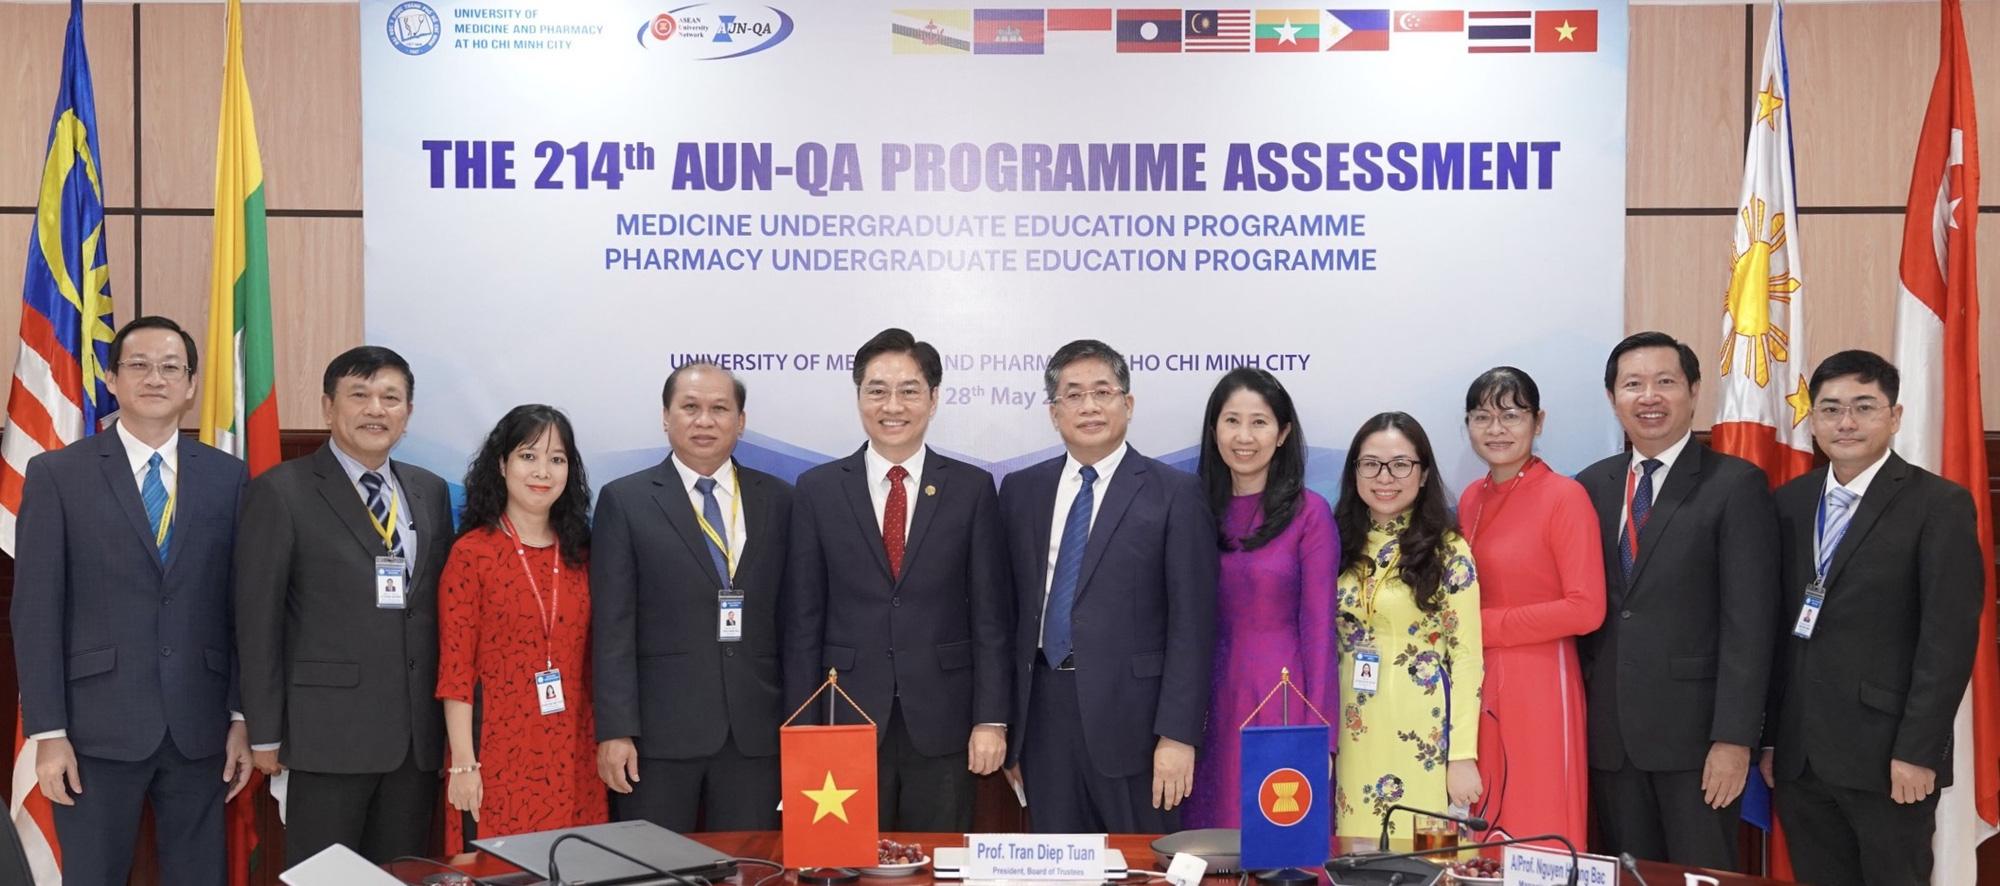 Đại học Y Dược TP.HCM hoàn thành kiểm định theo chuẩn AUN-QA - Ảnh 5.